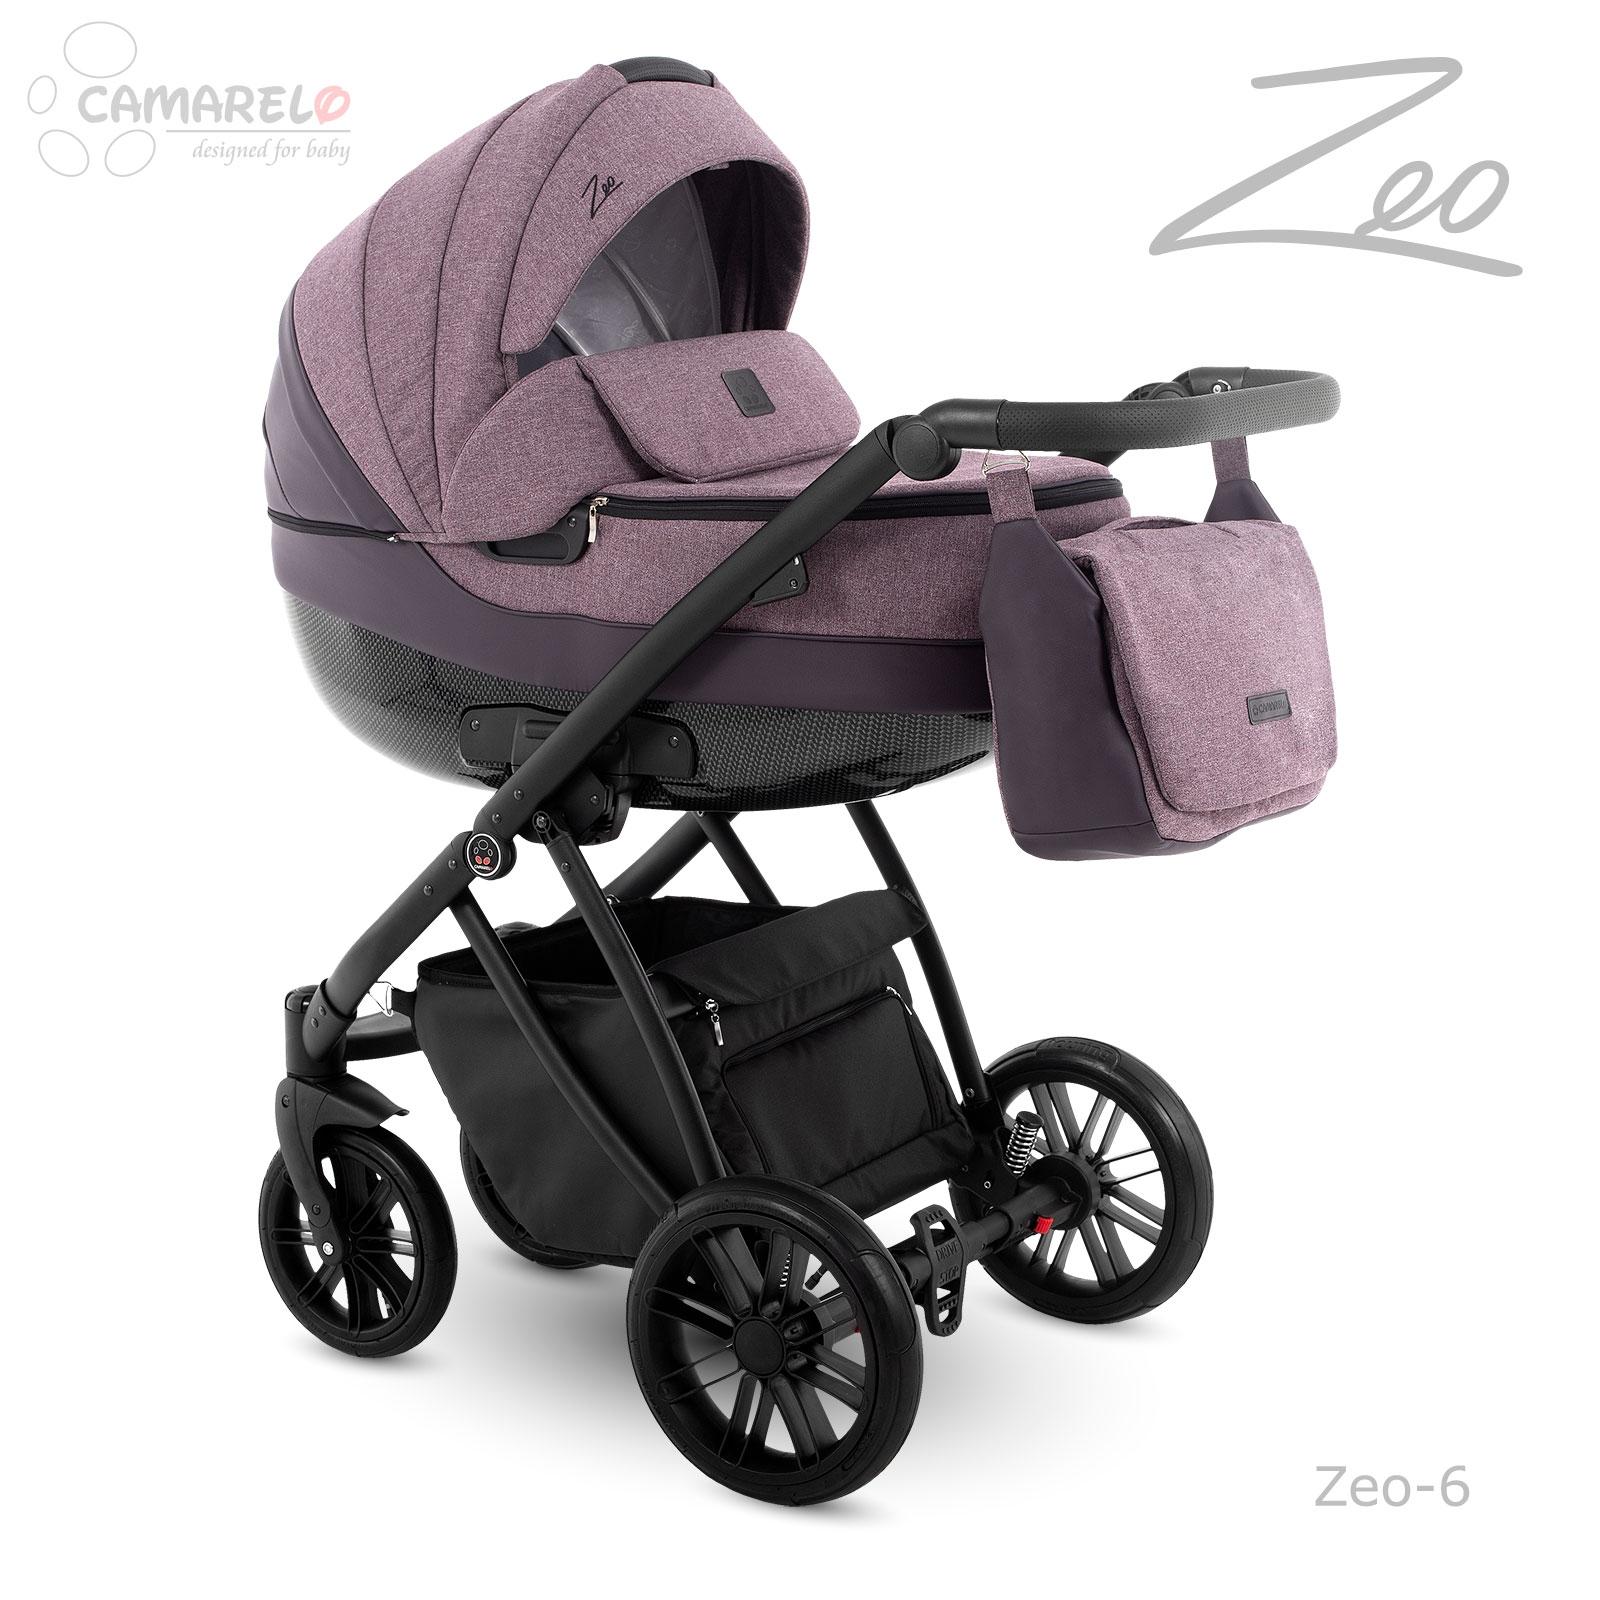 Carucior copii 3 in 1 Zeo Camarelo zeo-6 imagine